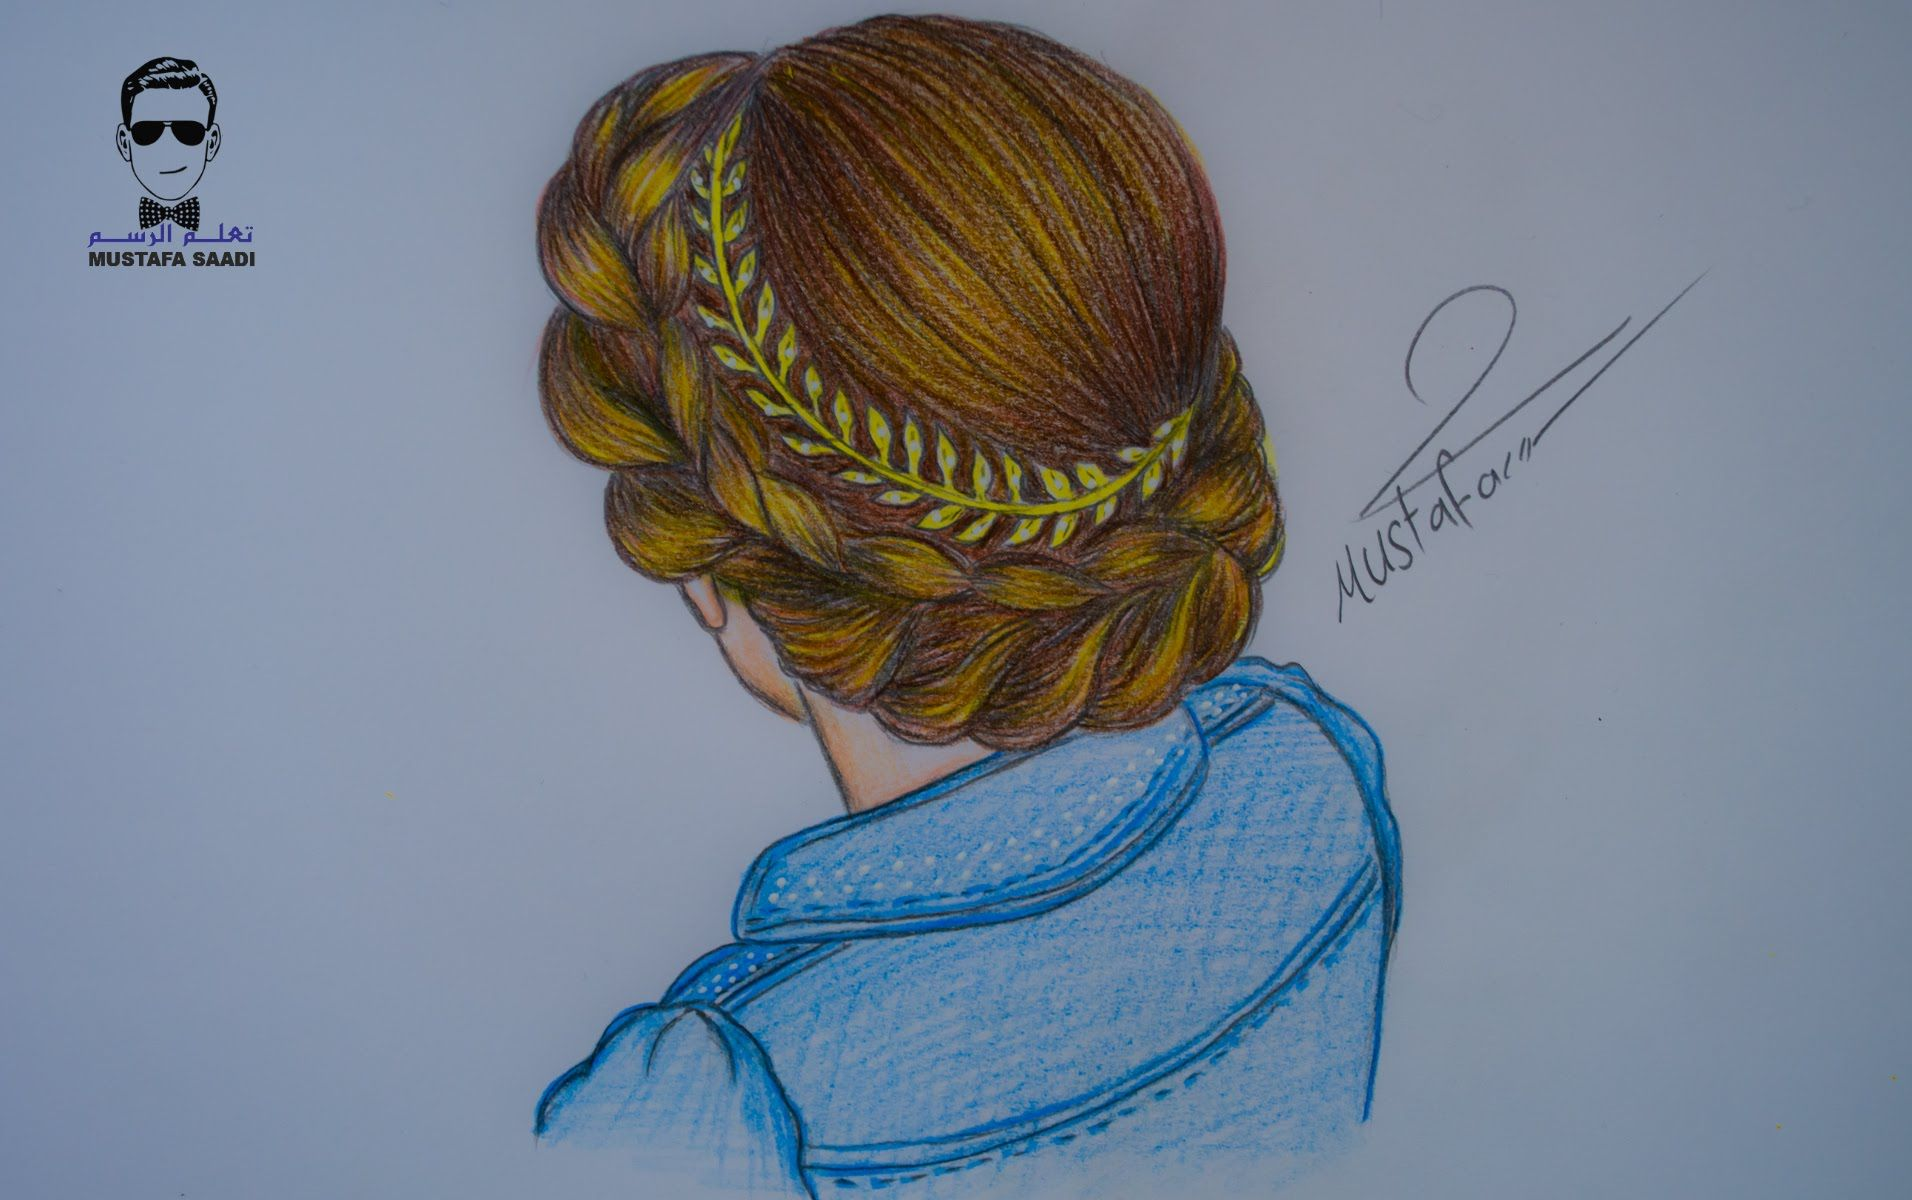 طريقة رسم الشعر مع ظفيرة مميزة بالرصاص والالوان الخشبية How To Draw Hair Colorful Drawings Drawing Illustrations